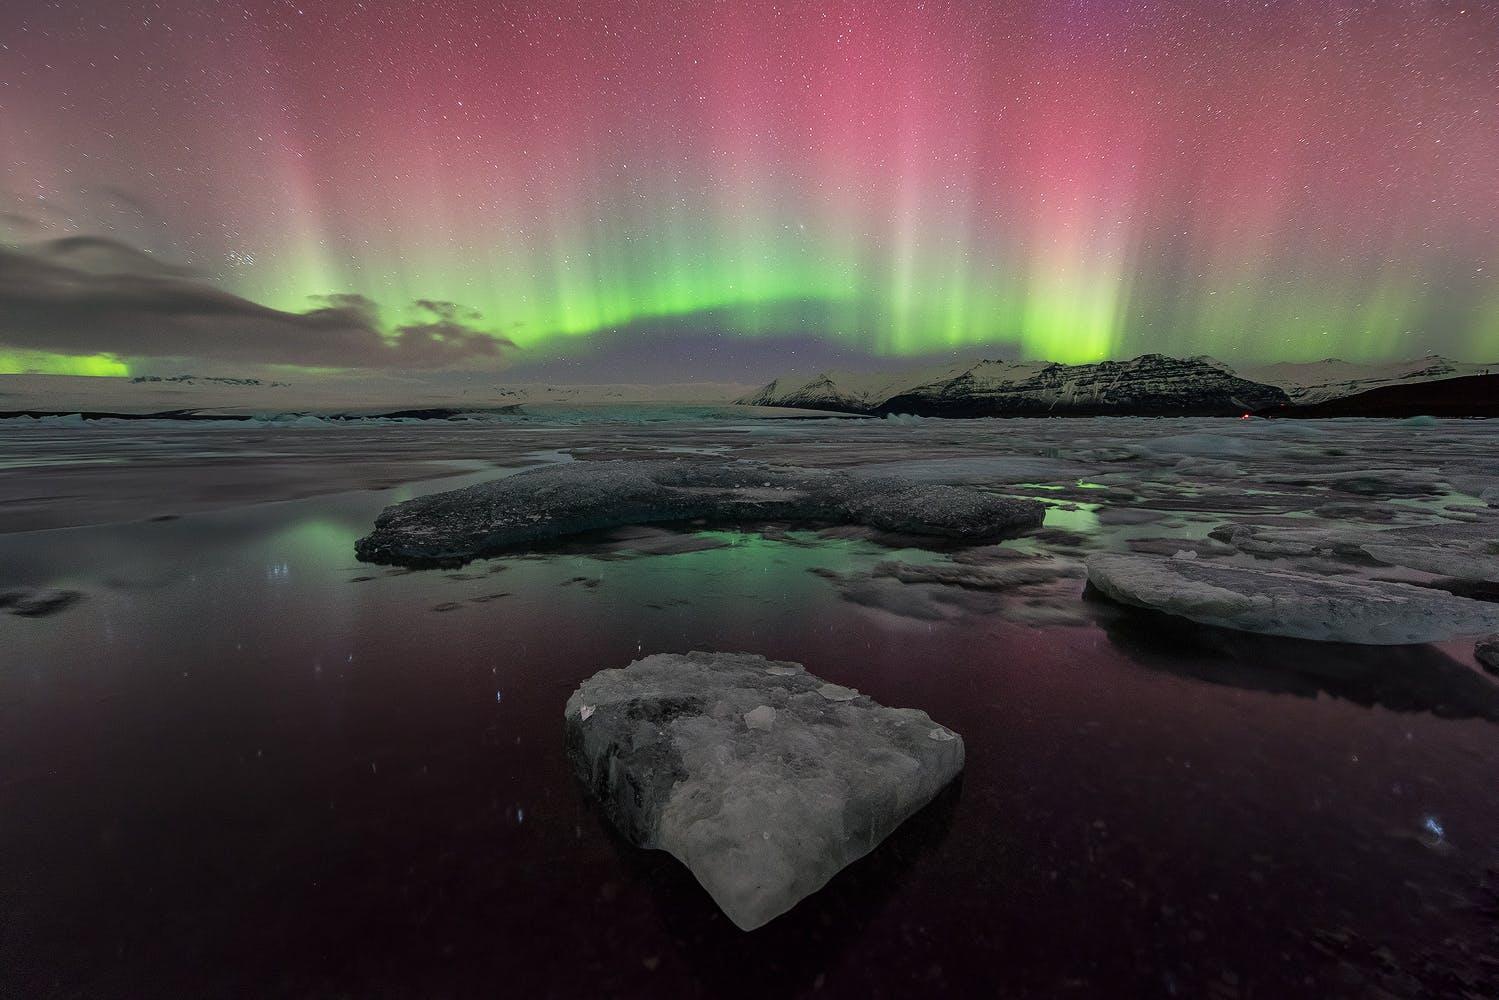 La laguna glaciar de Jökulsárlón es el lago más profundo de Islandia, con 248 metros de profundidad.